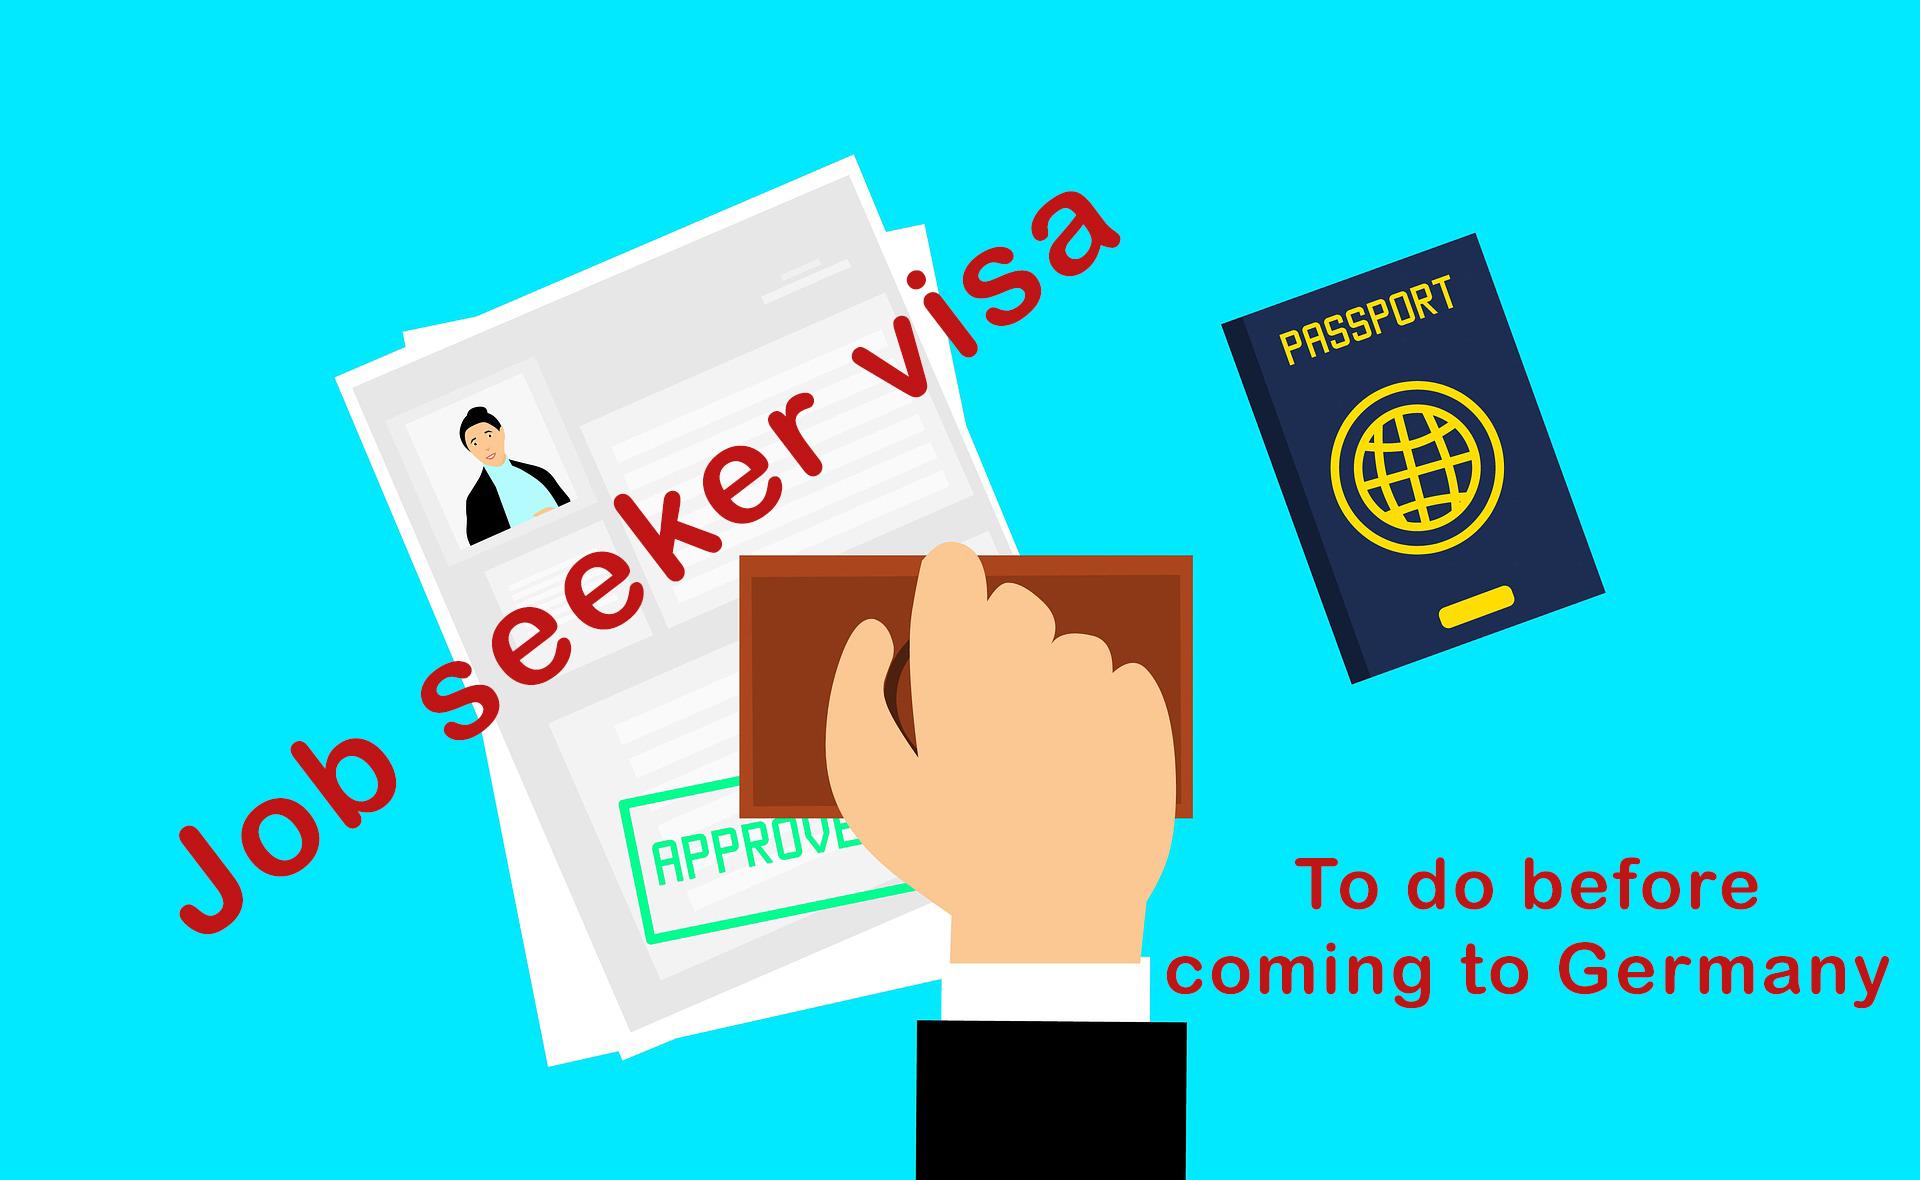 Things_to_do_before_coming_to_Germany_in_job_seeker_visa_JSV_Visa